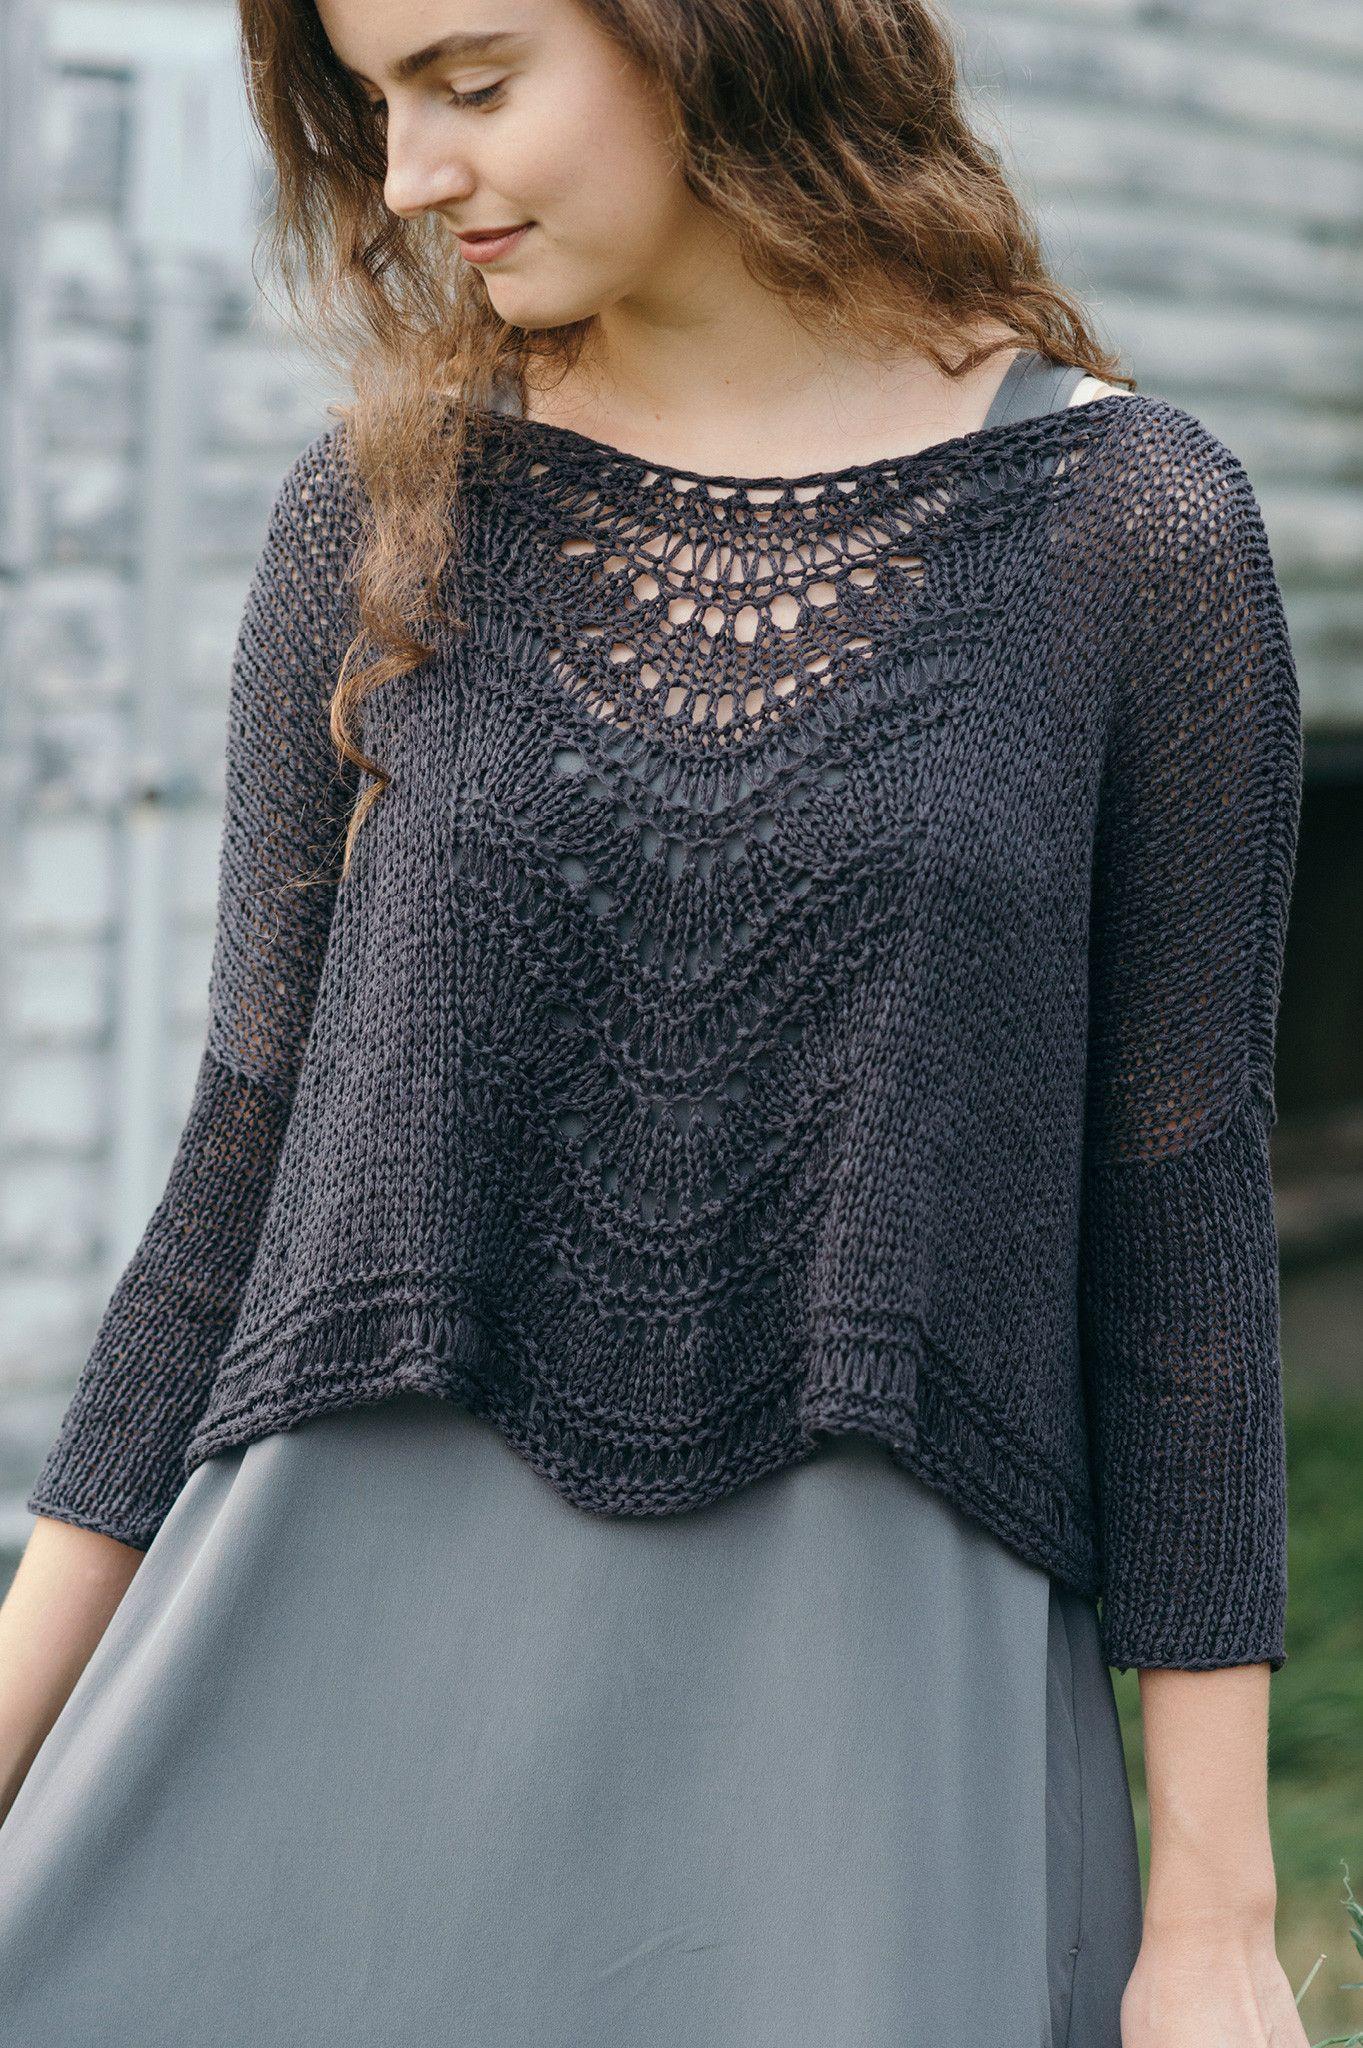 Deschain - Quince & Co | knit_3 | Pinterest | Stricken, Pulli und ...